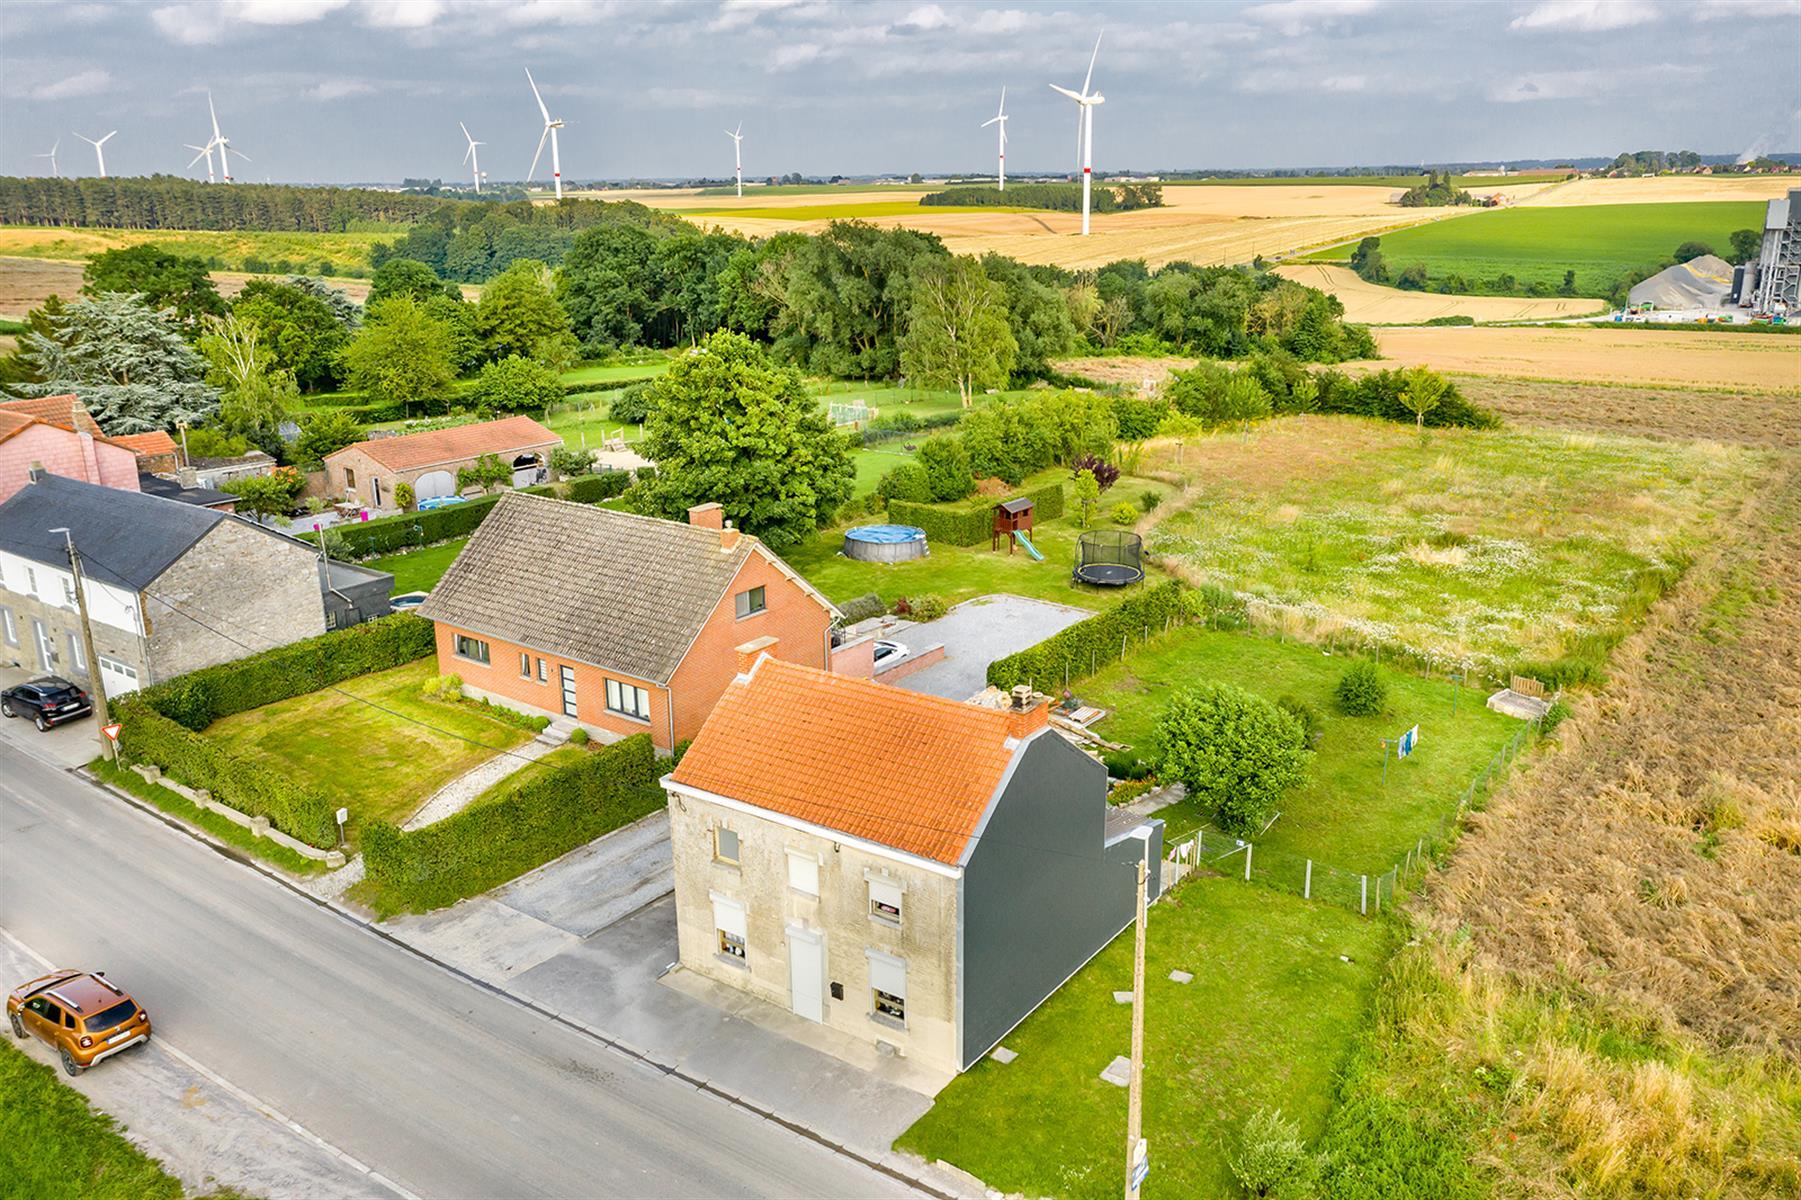 Maison unifamiliale - Villersle-Bouillet - #4412229-21